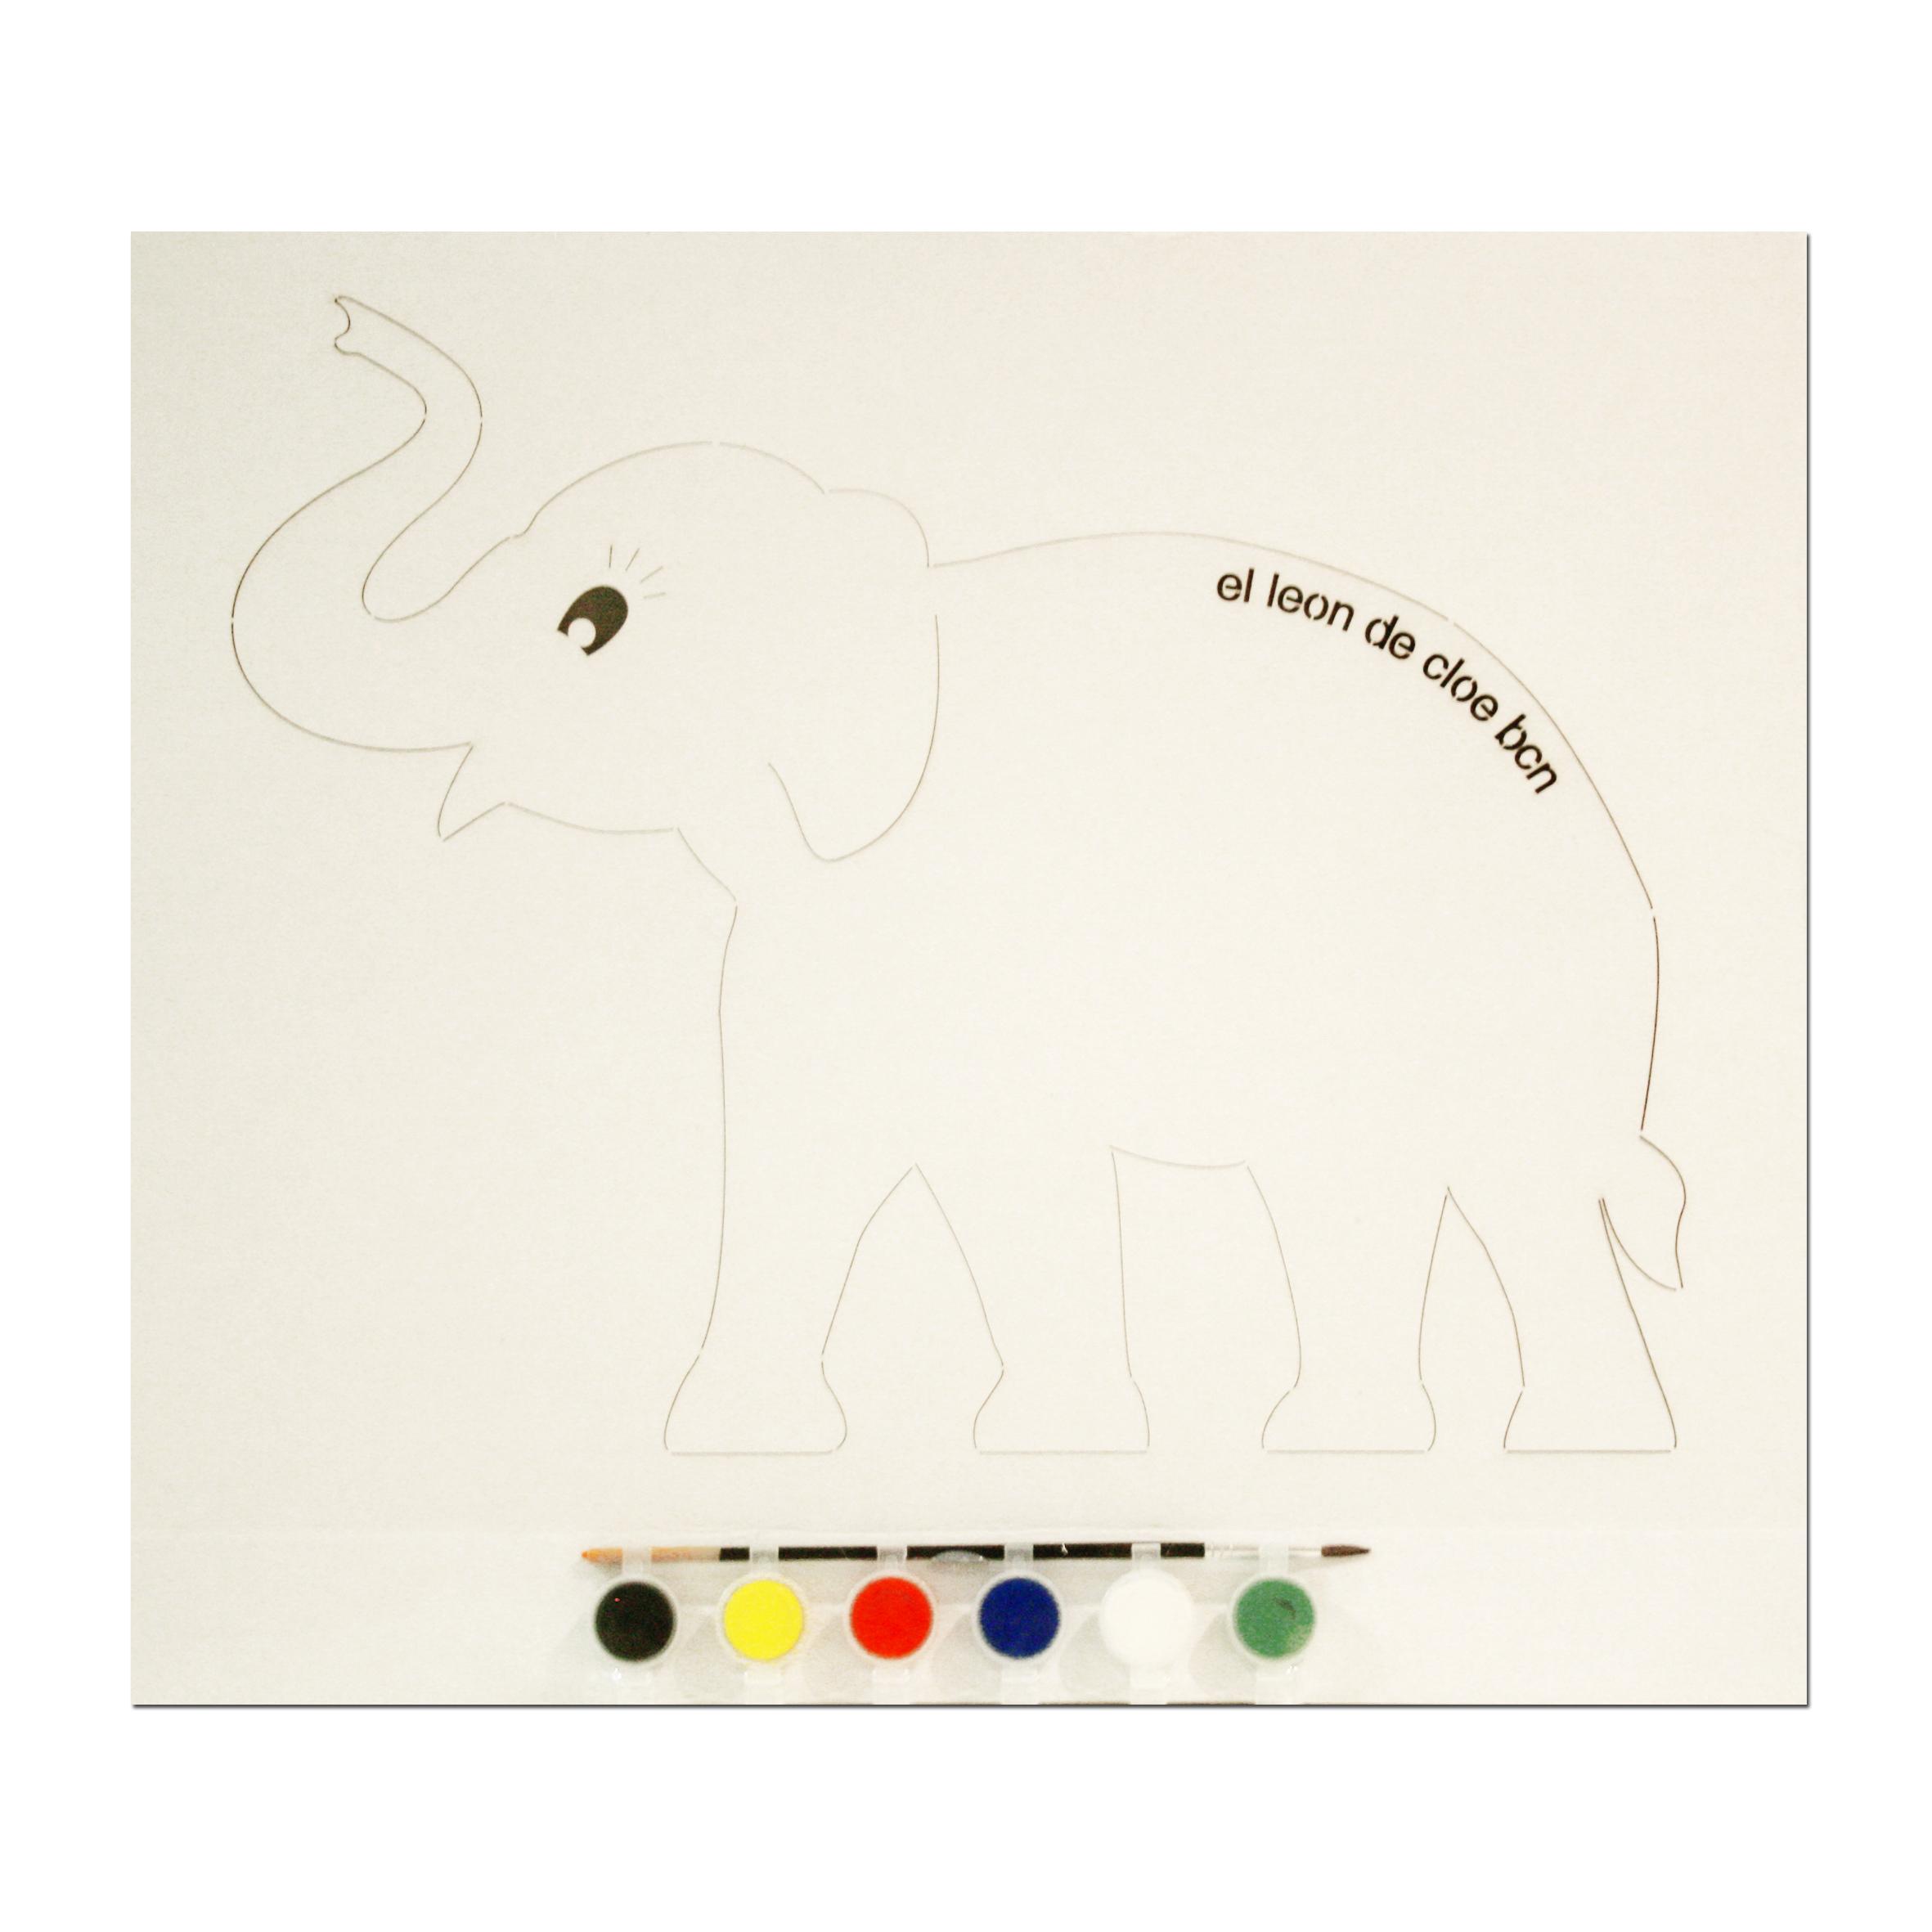 Kit de pintar Elefante del León de Cloe. El regalo perfecto para cualquier niño.